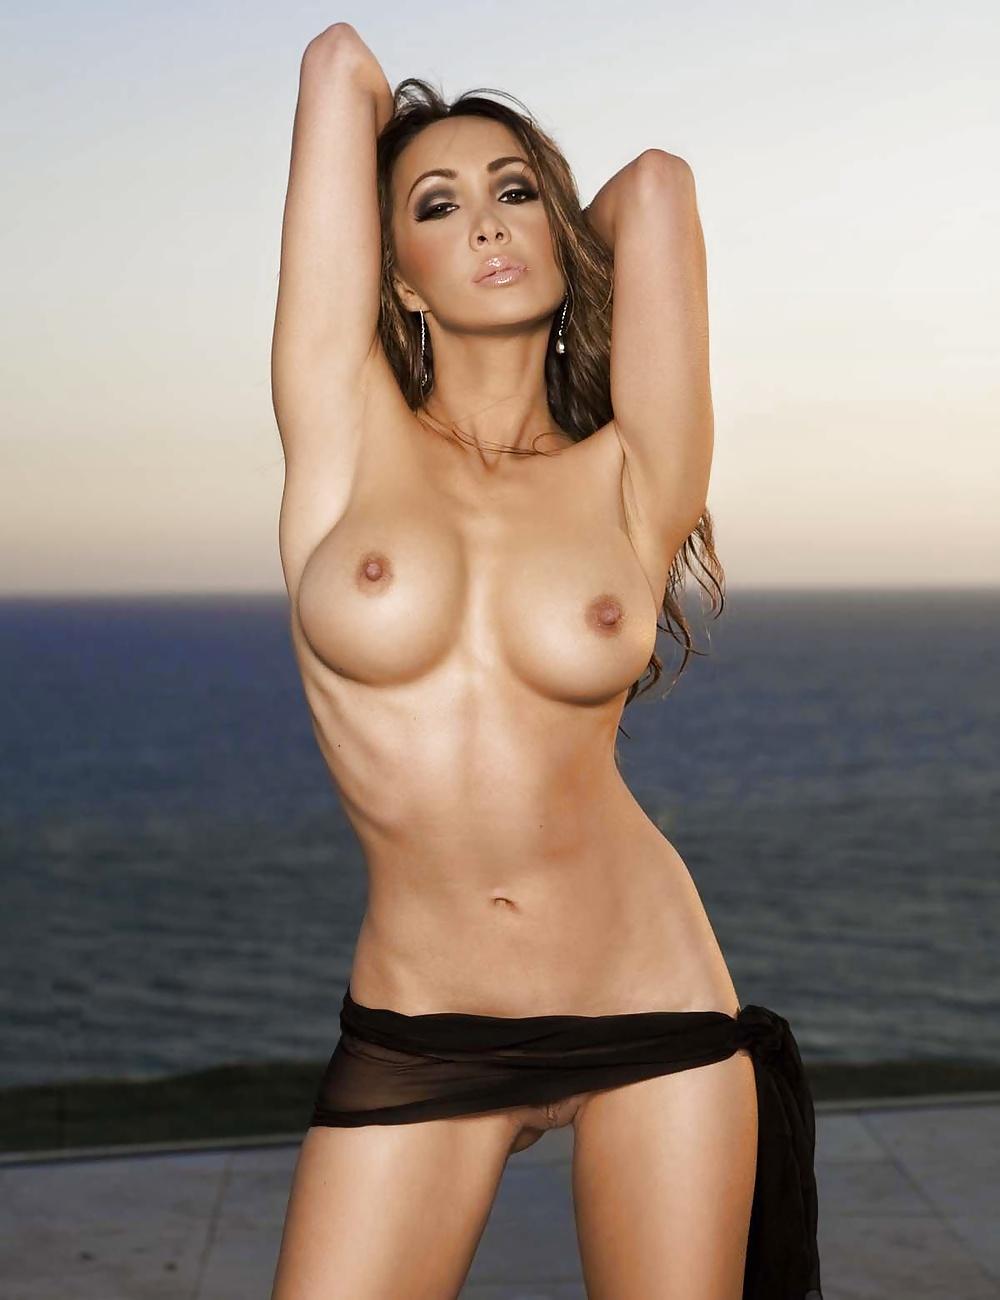 Berühmtheiten in kostenlos Nacktbildern